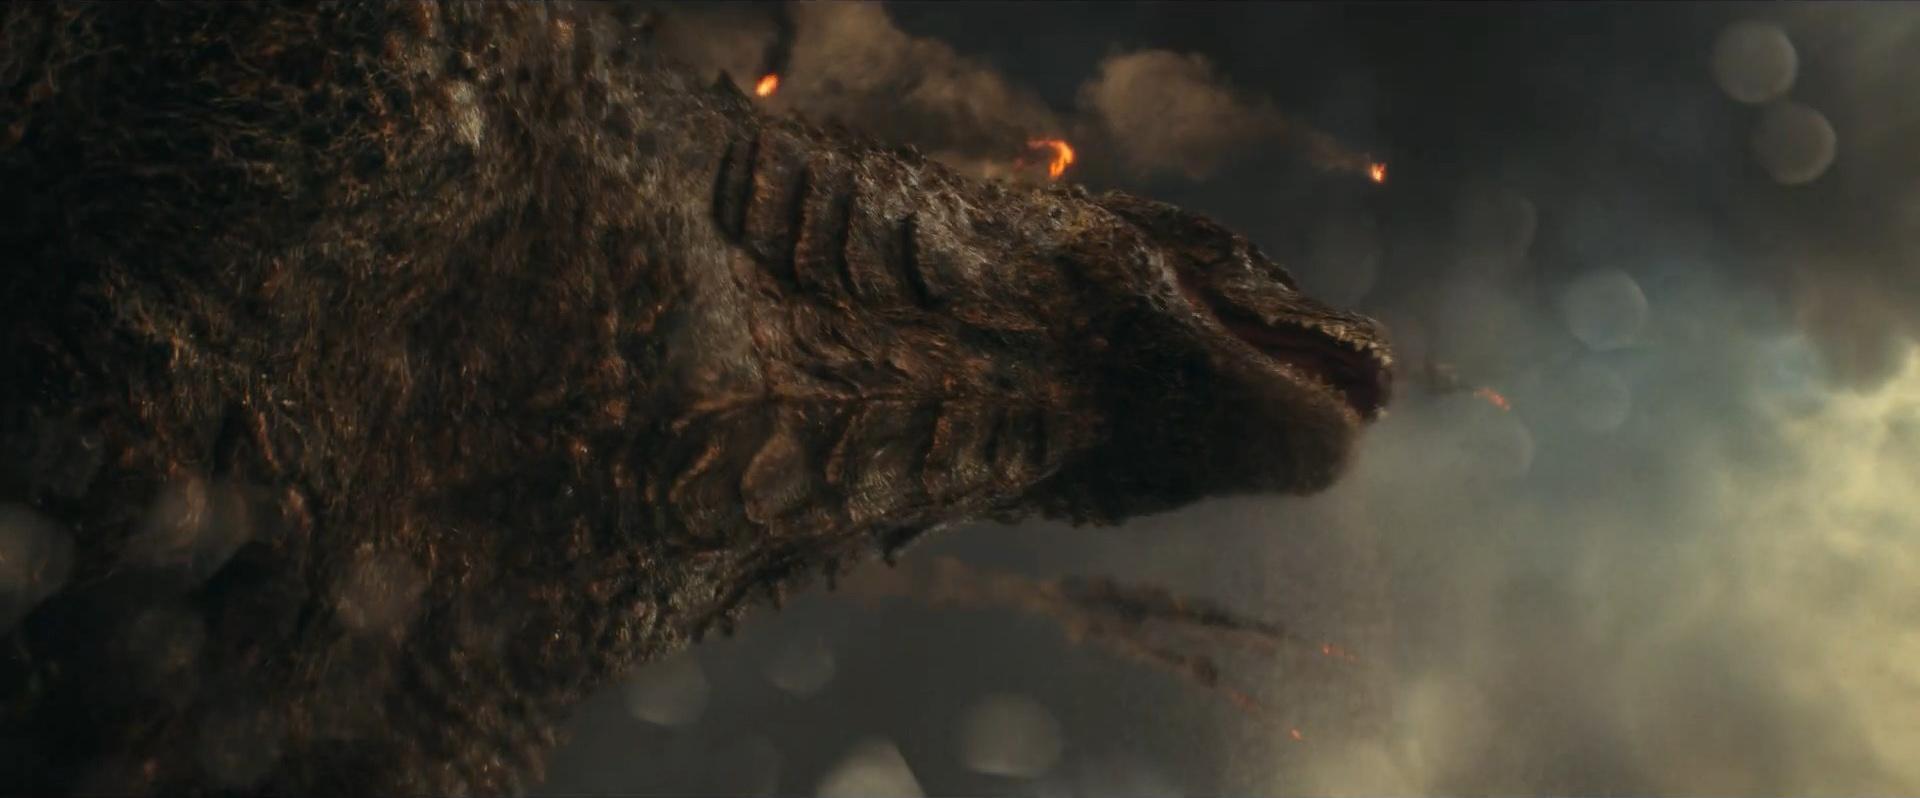 Godzilla vs Kong Trailer Still 38